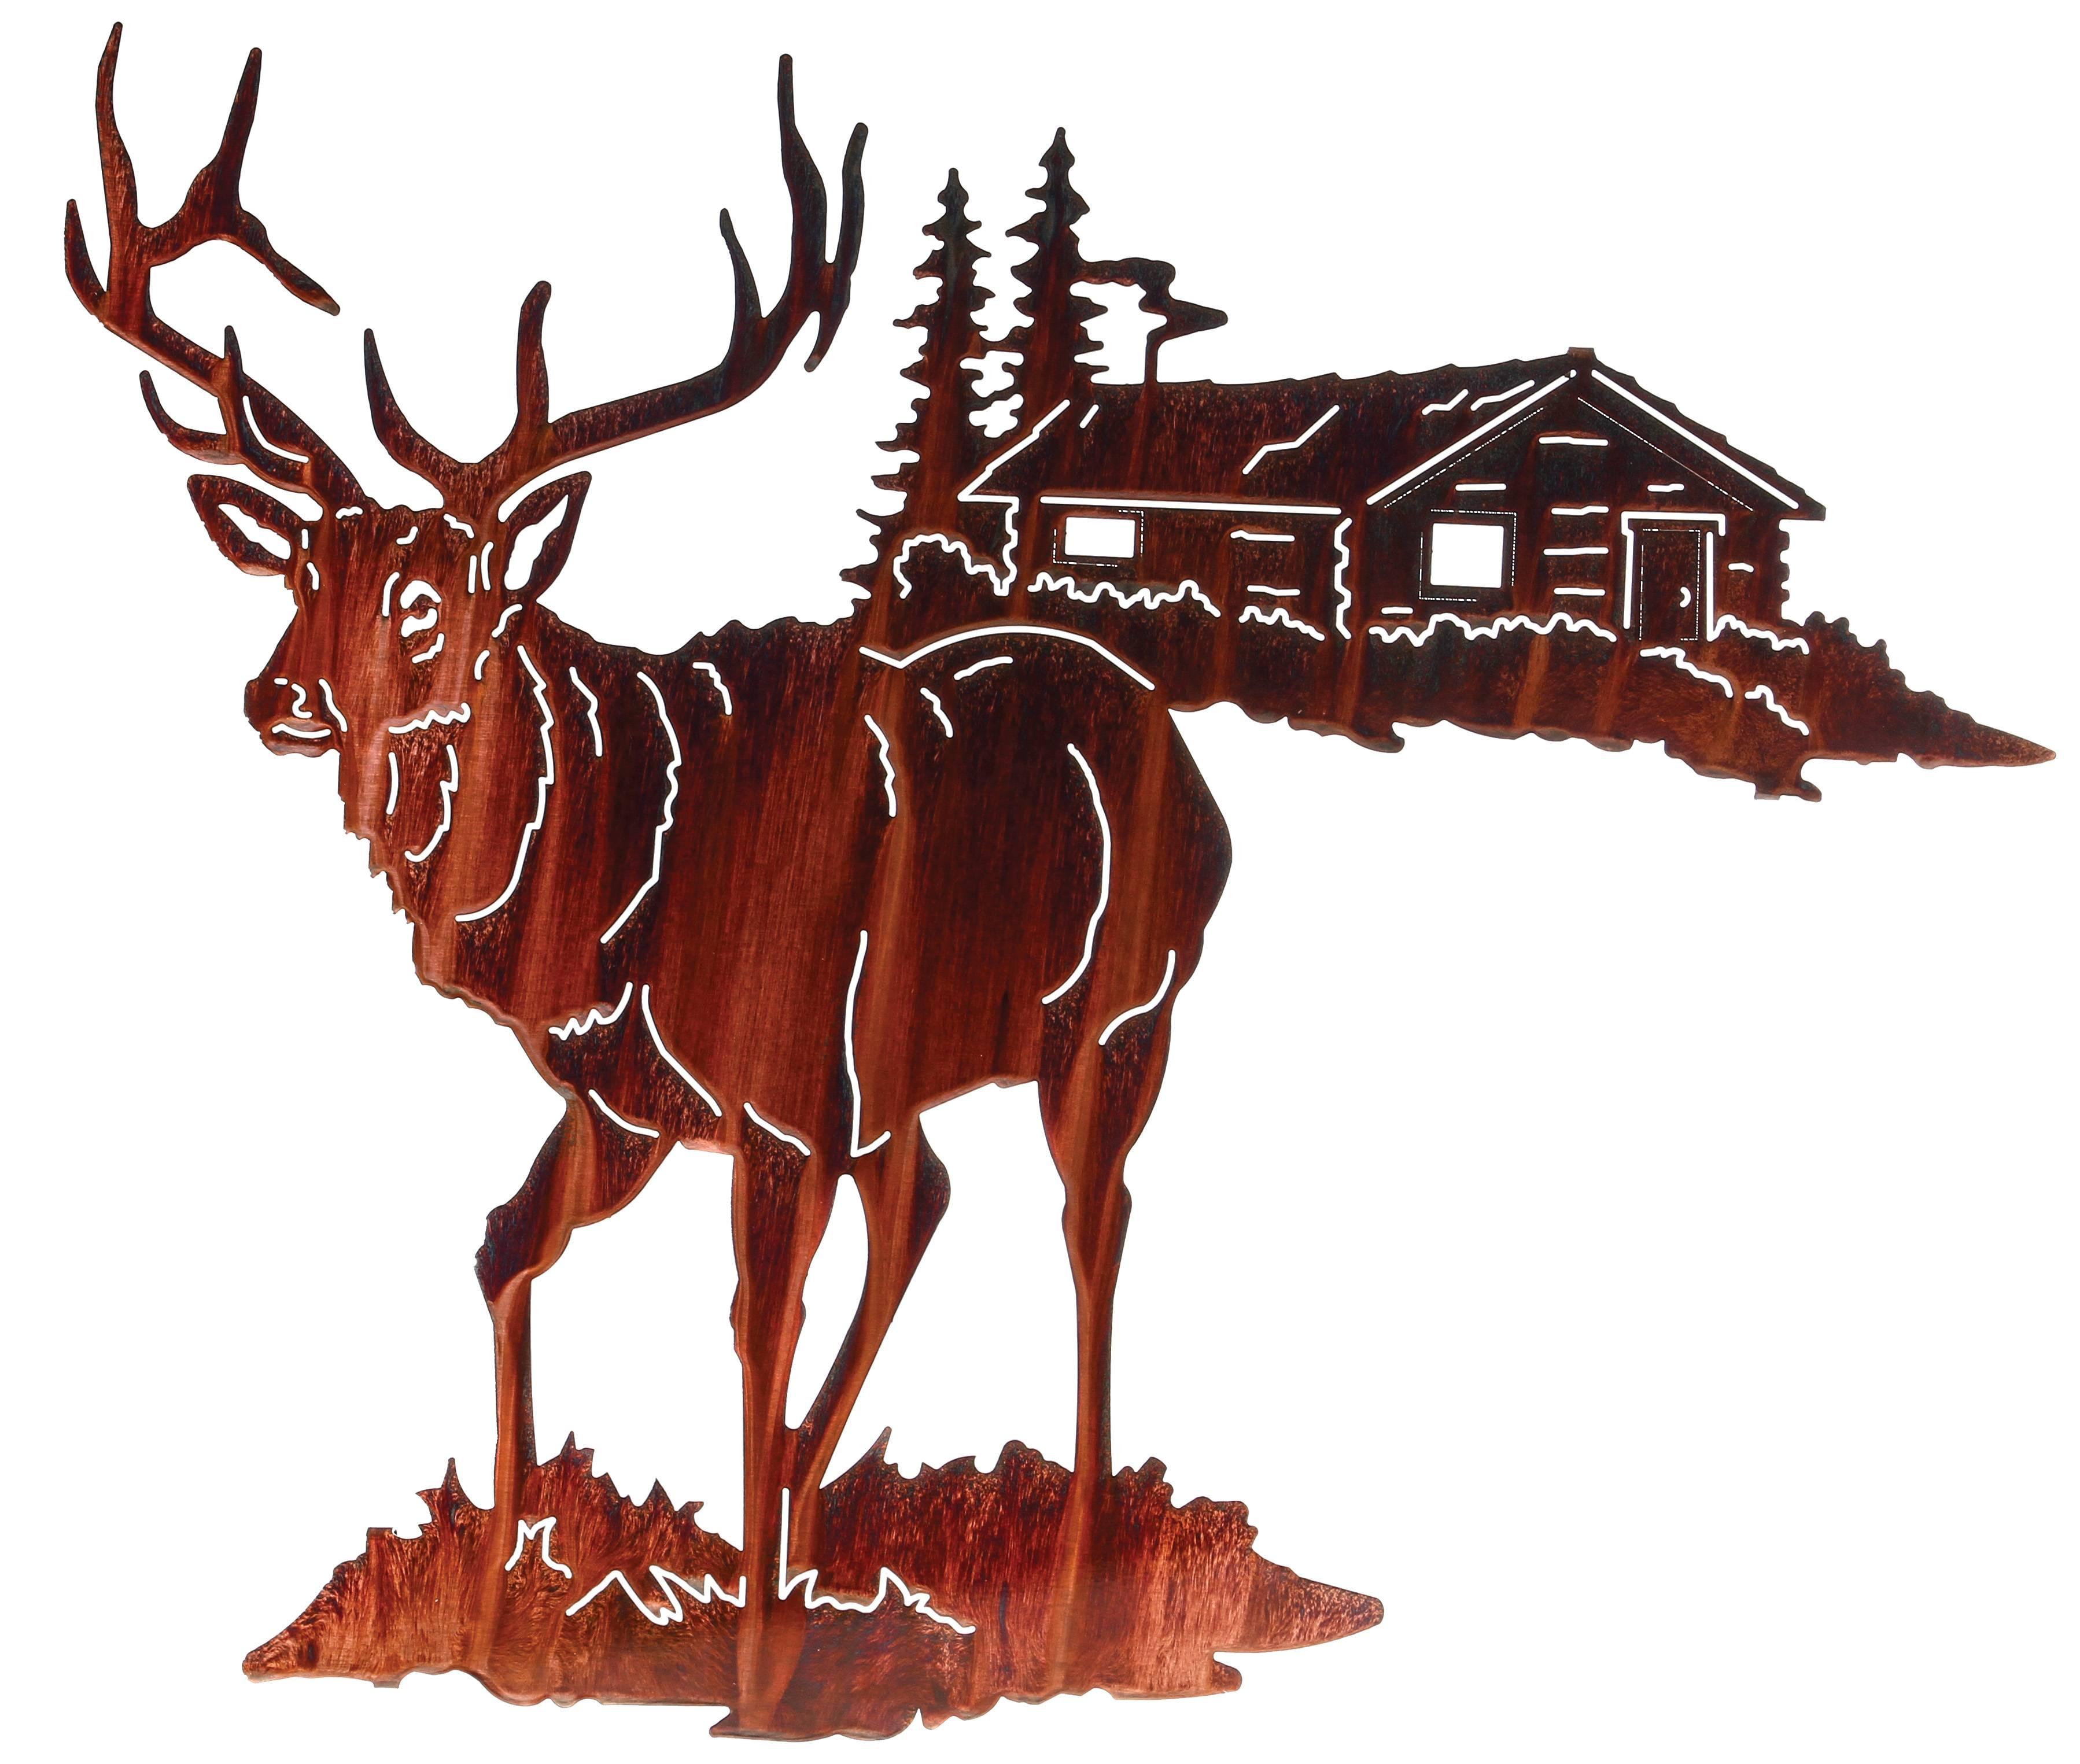 Elk Wall Art, Wall Hangings Of Elk, Elk Metal Sculptures Throughout Most Current Deer Metal Wall Art (View 9 of 20)